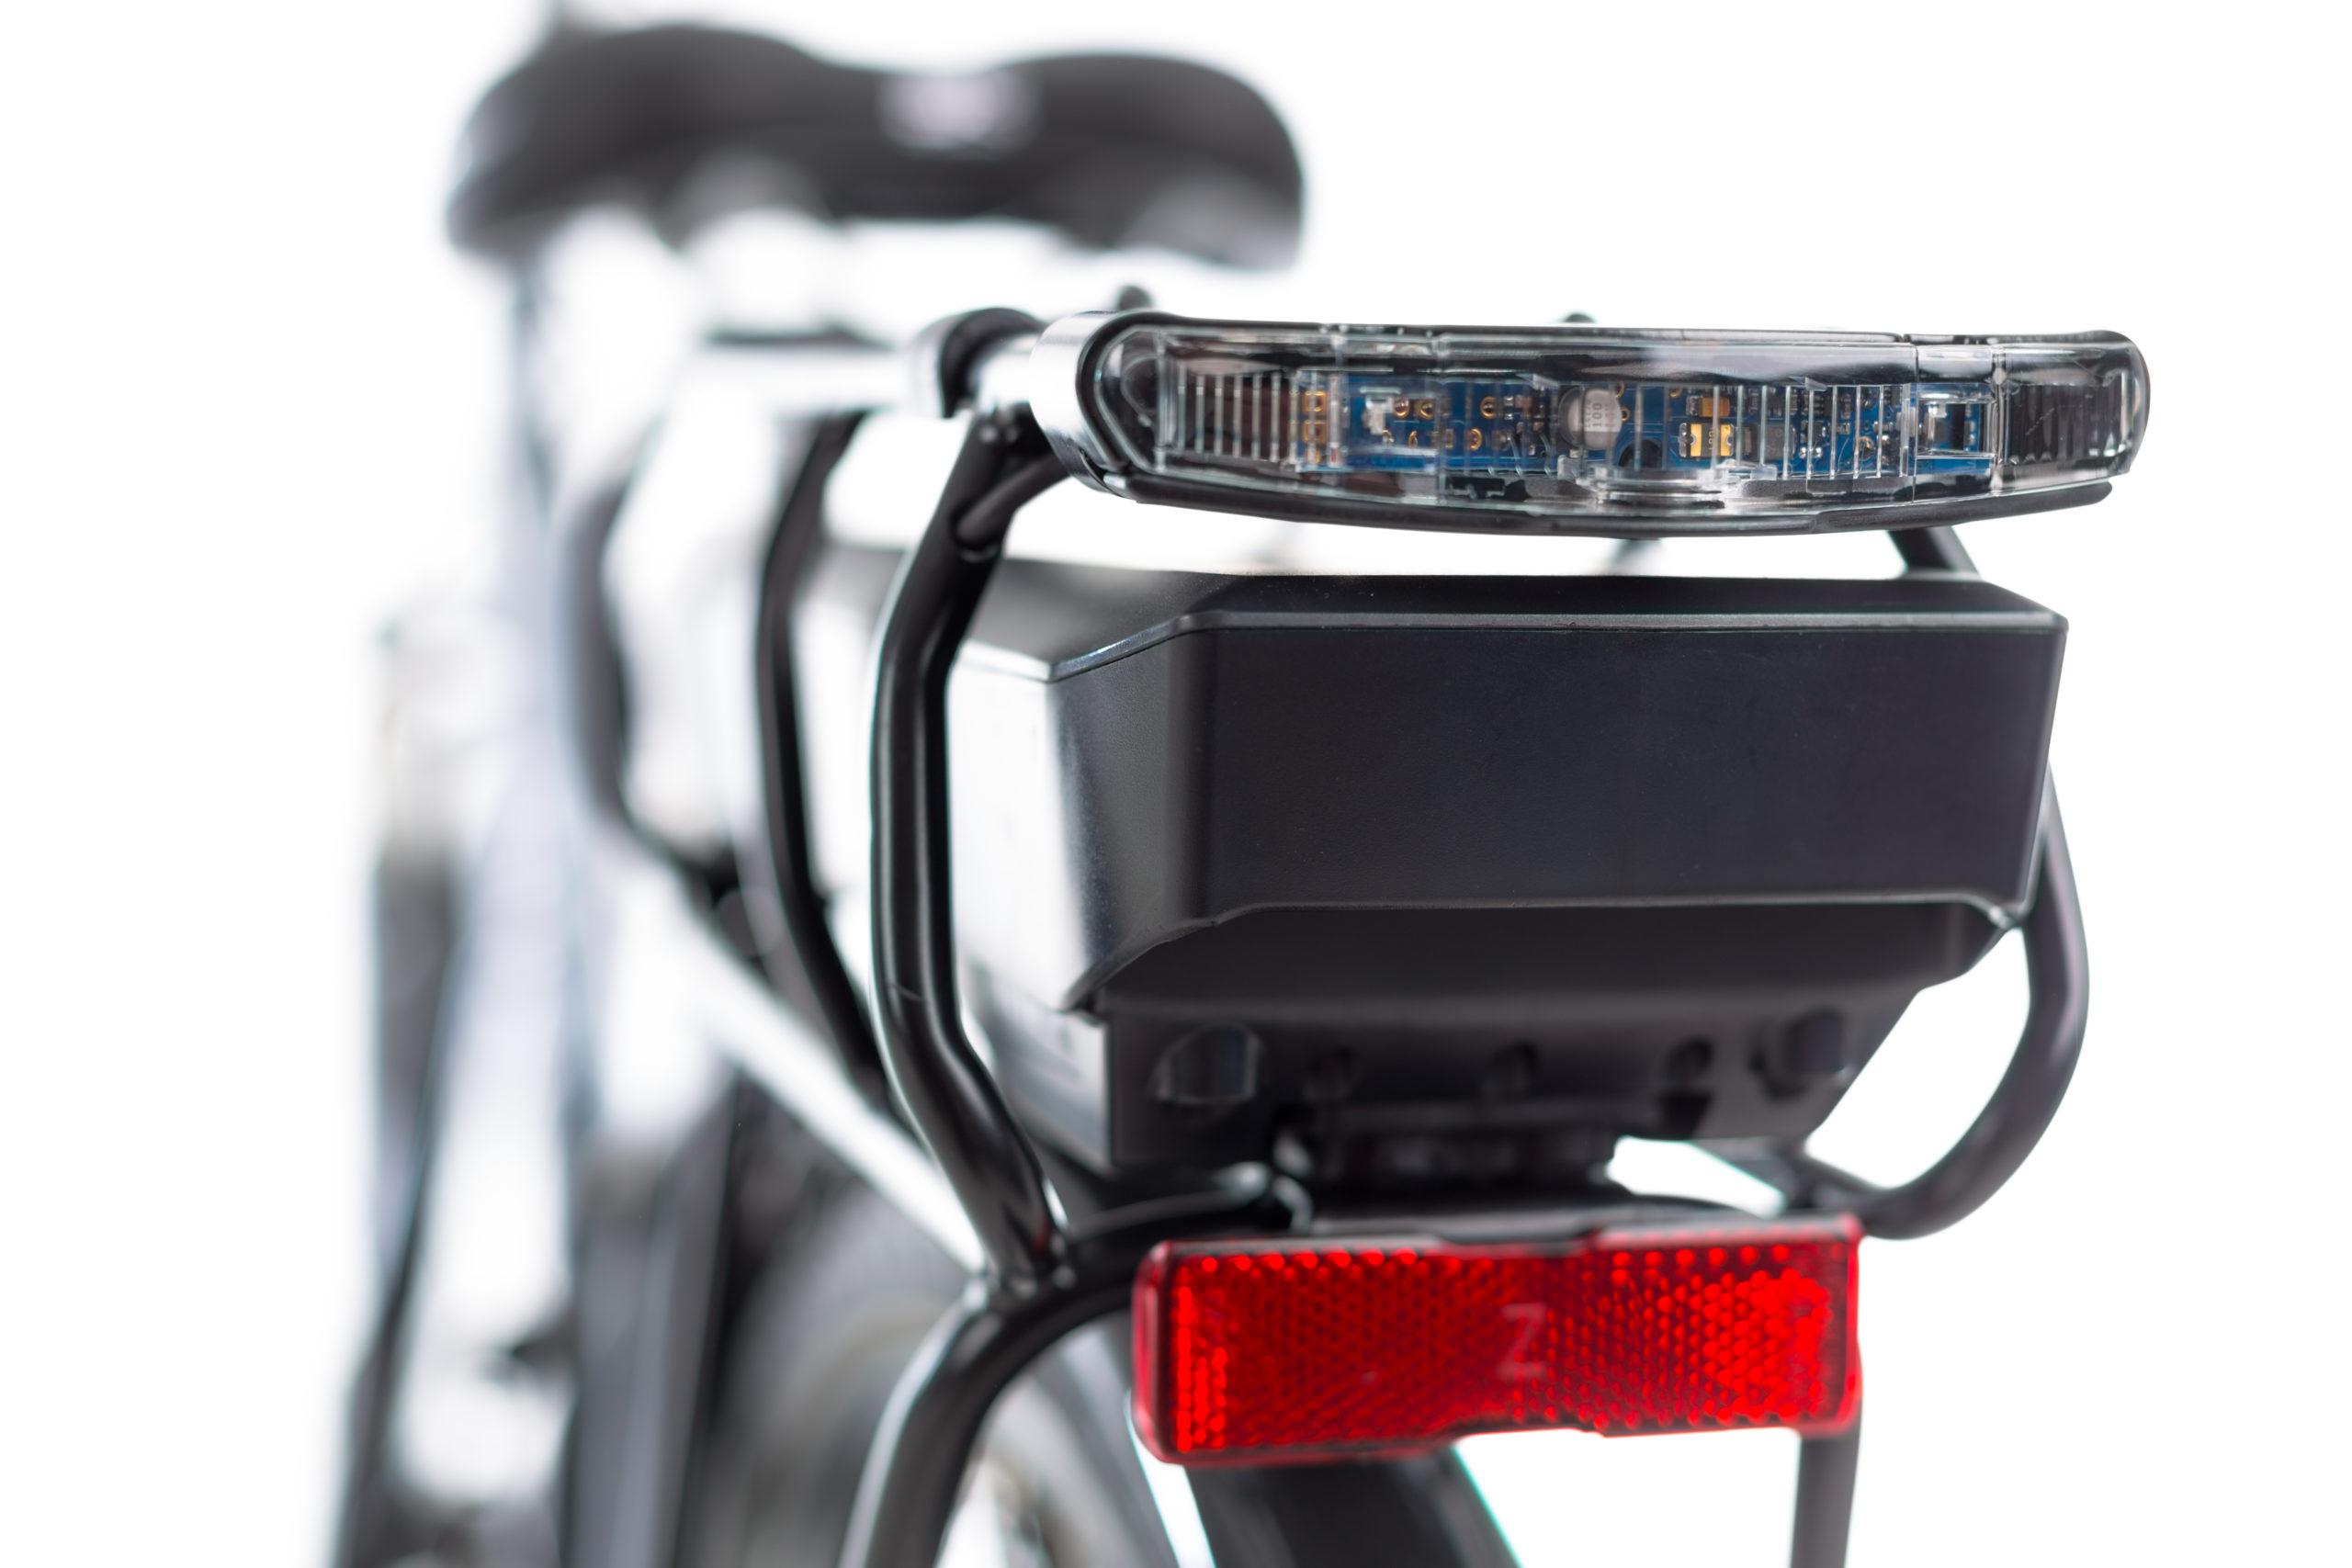 De levensduur van een e-bike accu. Alles wat je moet weten.